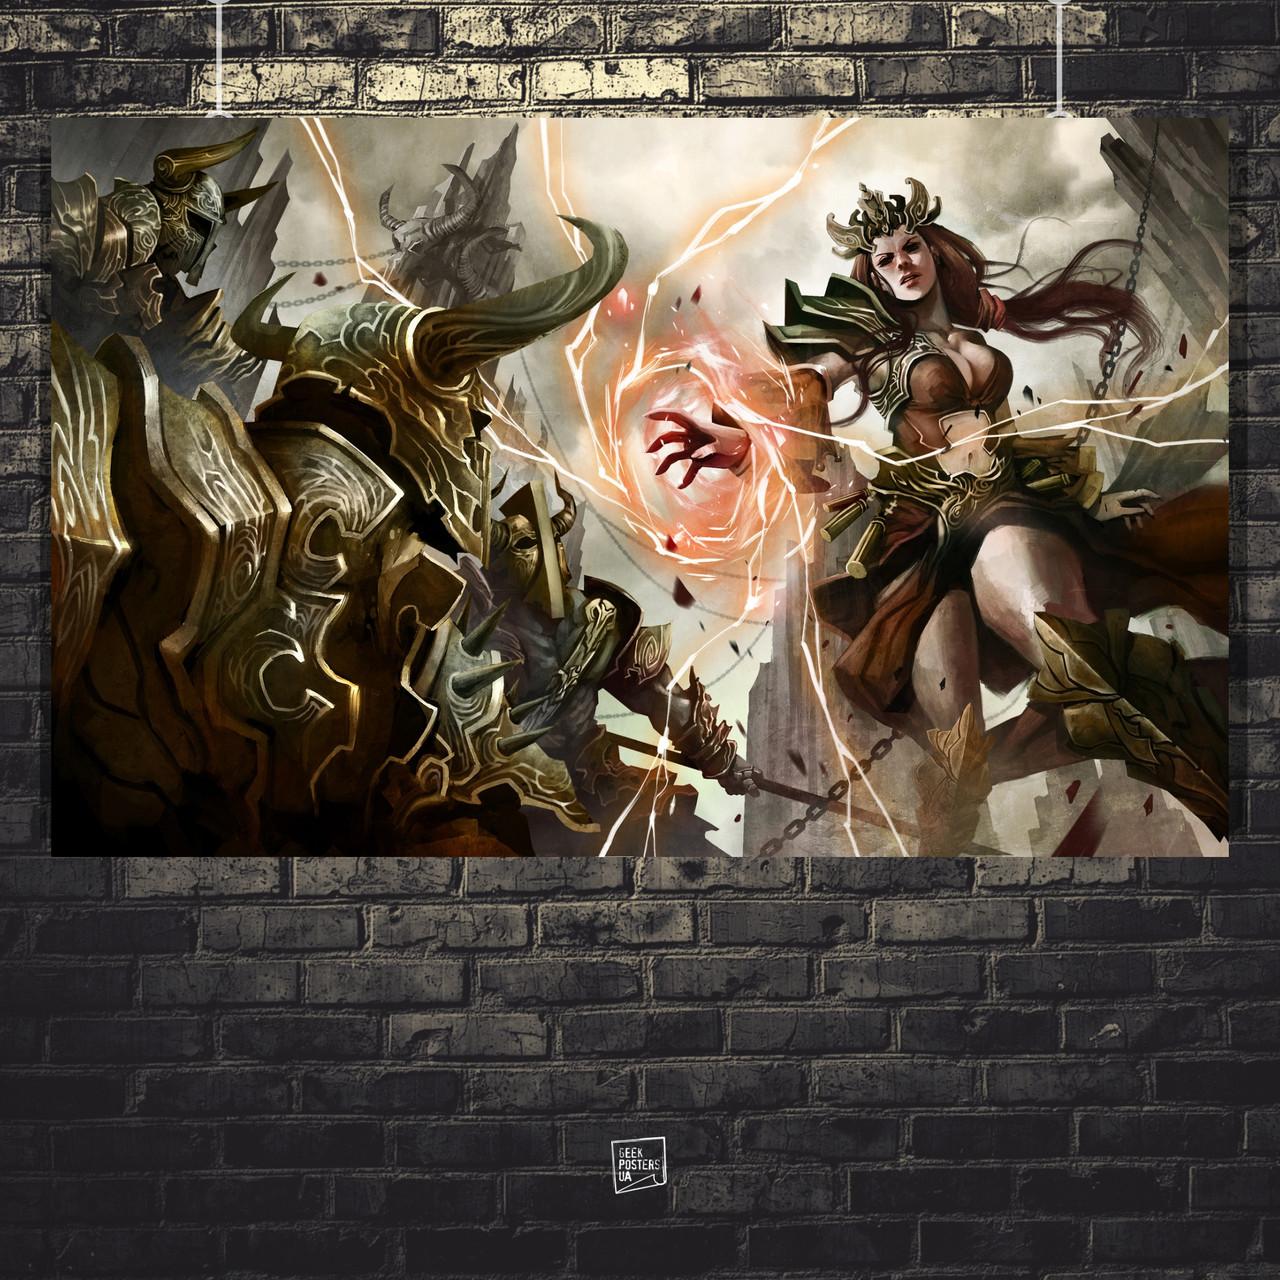 Постер Diablo 3, Дьябло 3. Размер 60x38см (A2). Глянцевая бумага